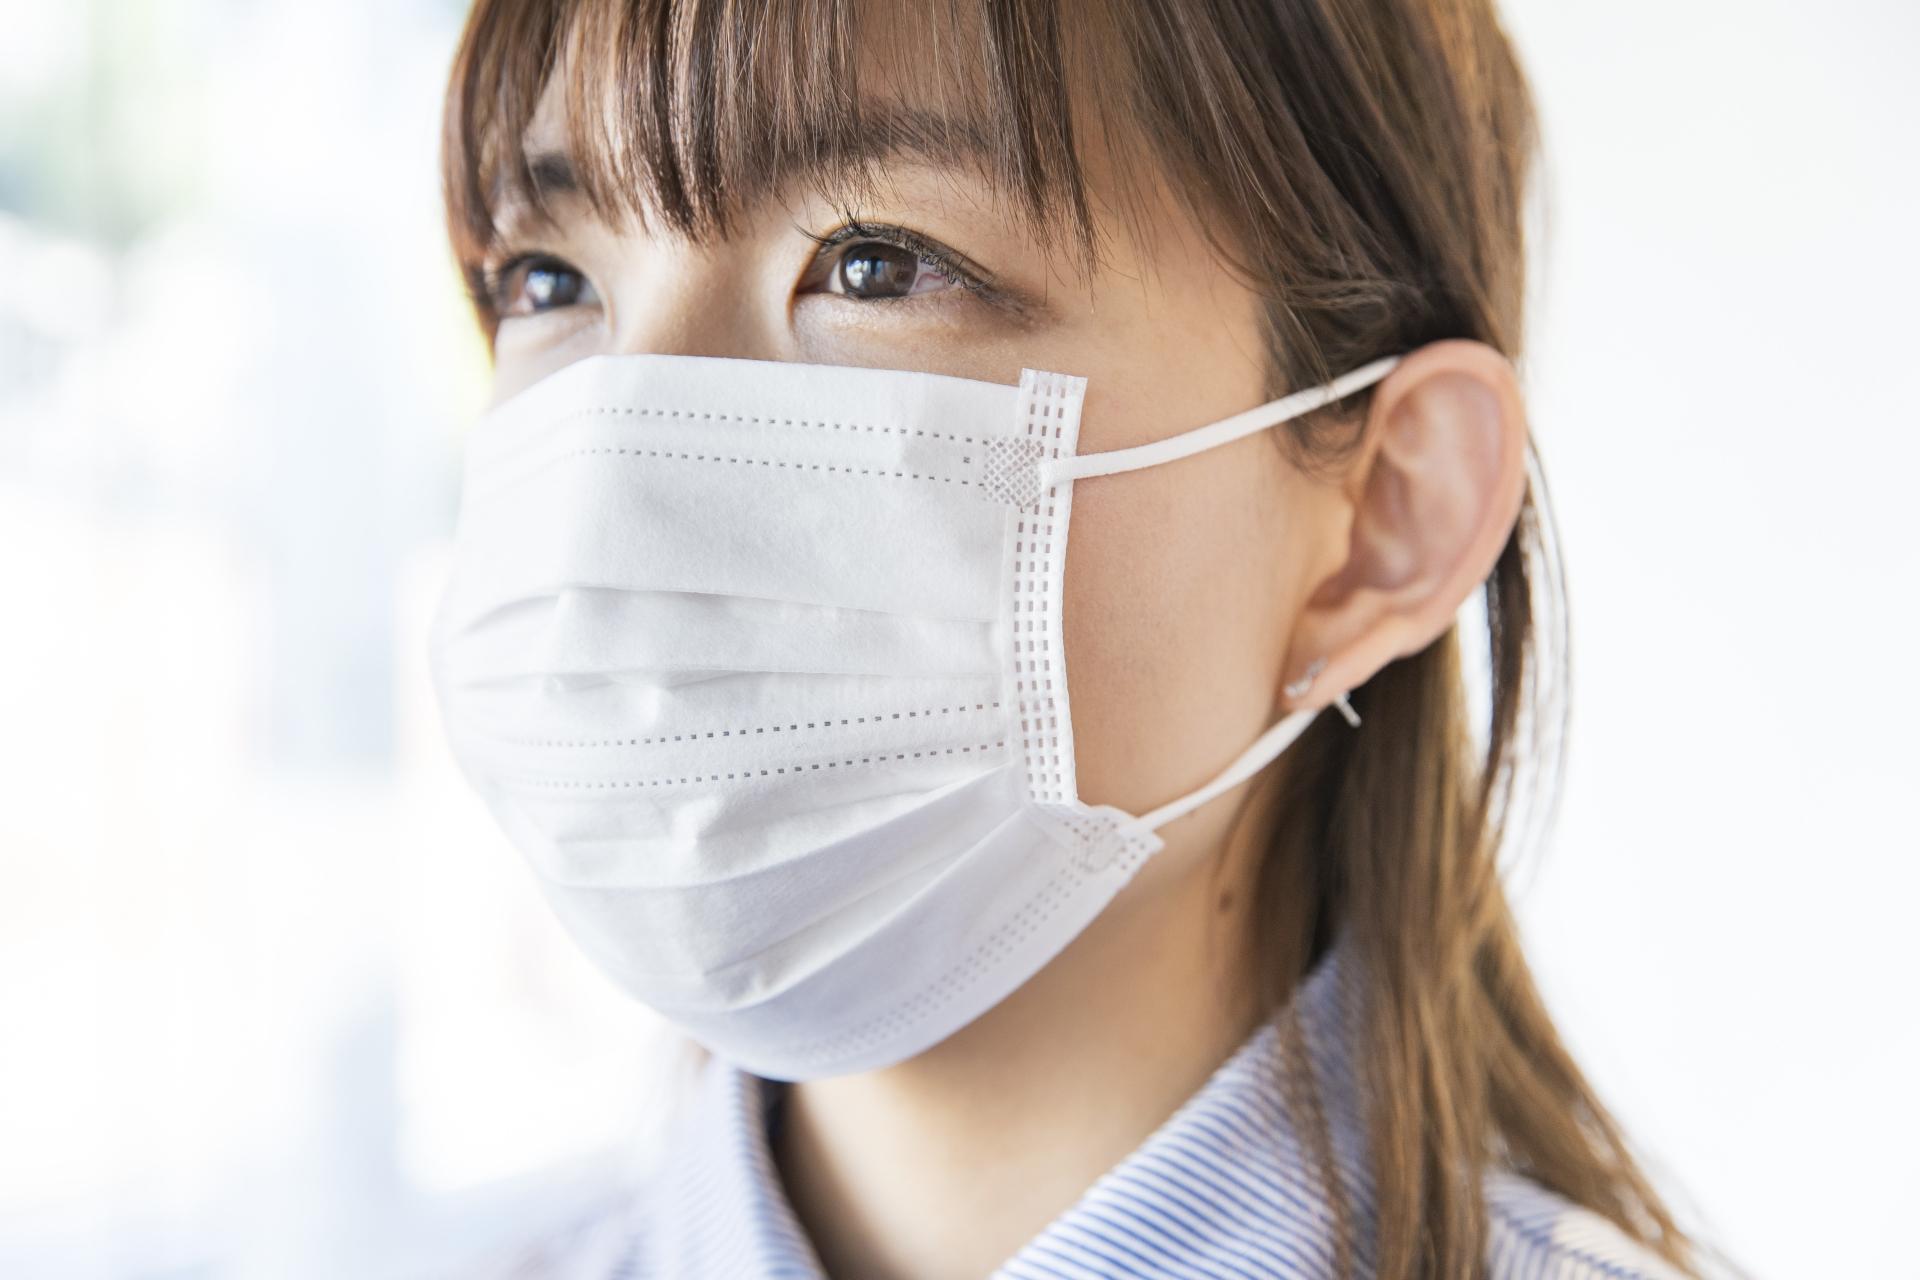 マスク生活の意外な影響とは?